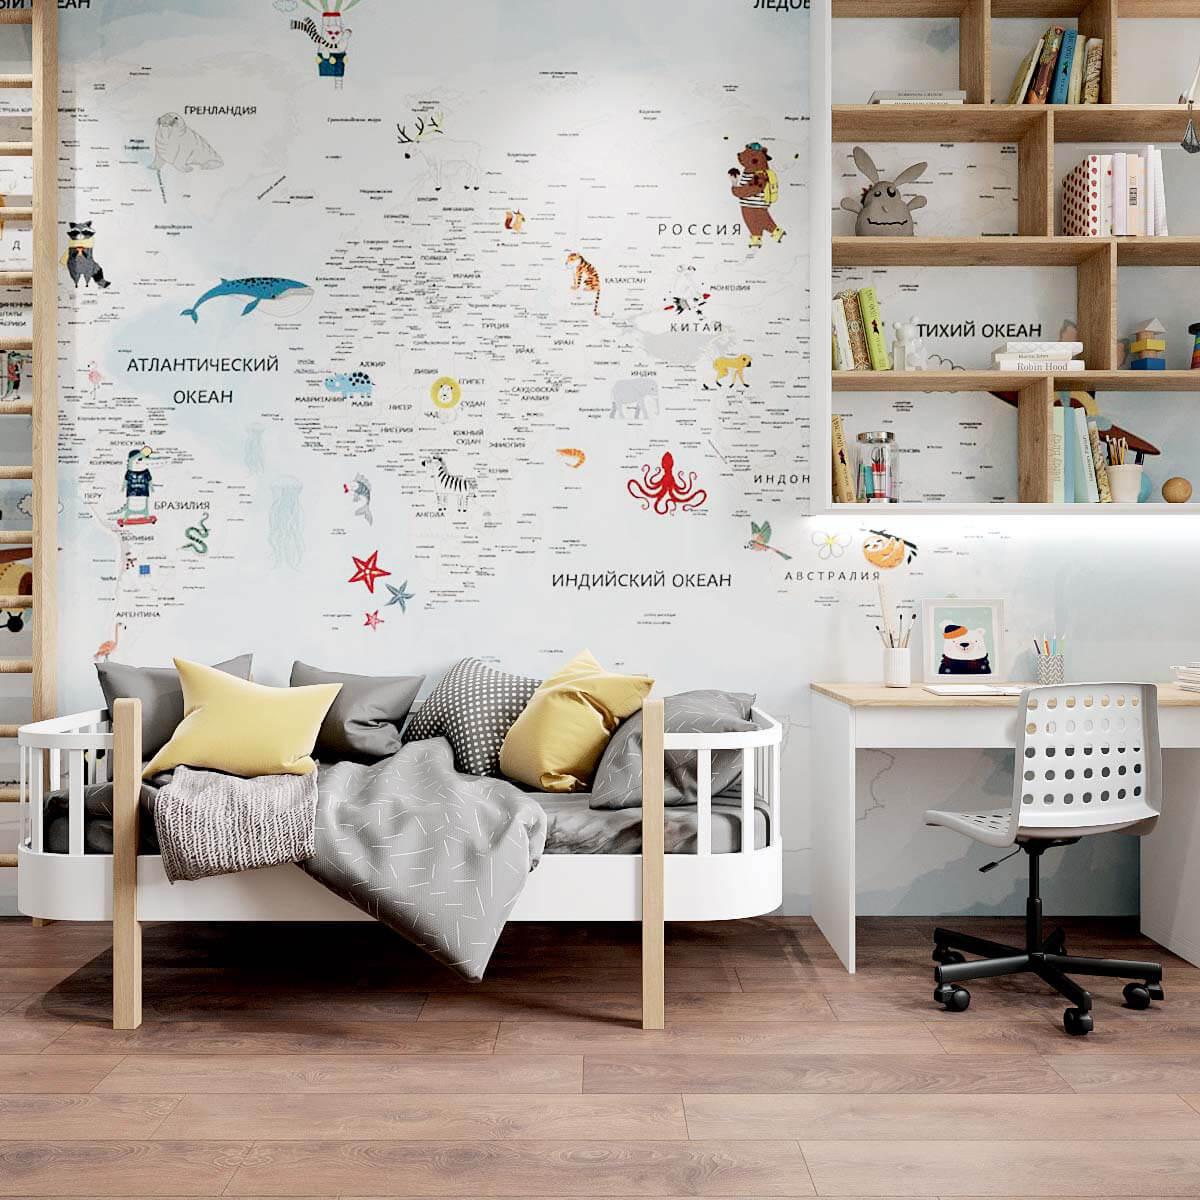 Мебель детской спальни мальчика проект 4409-5